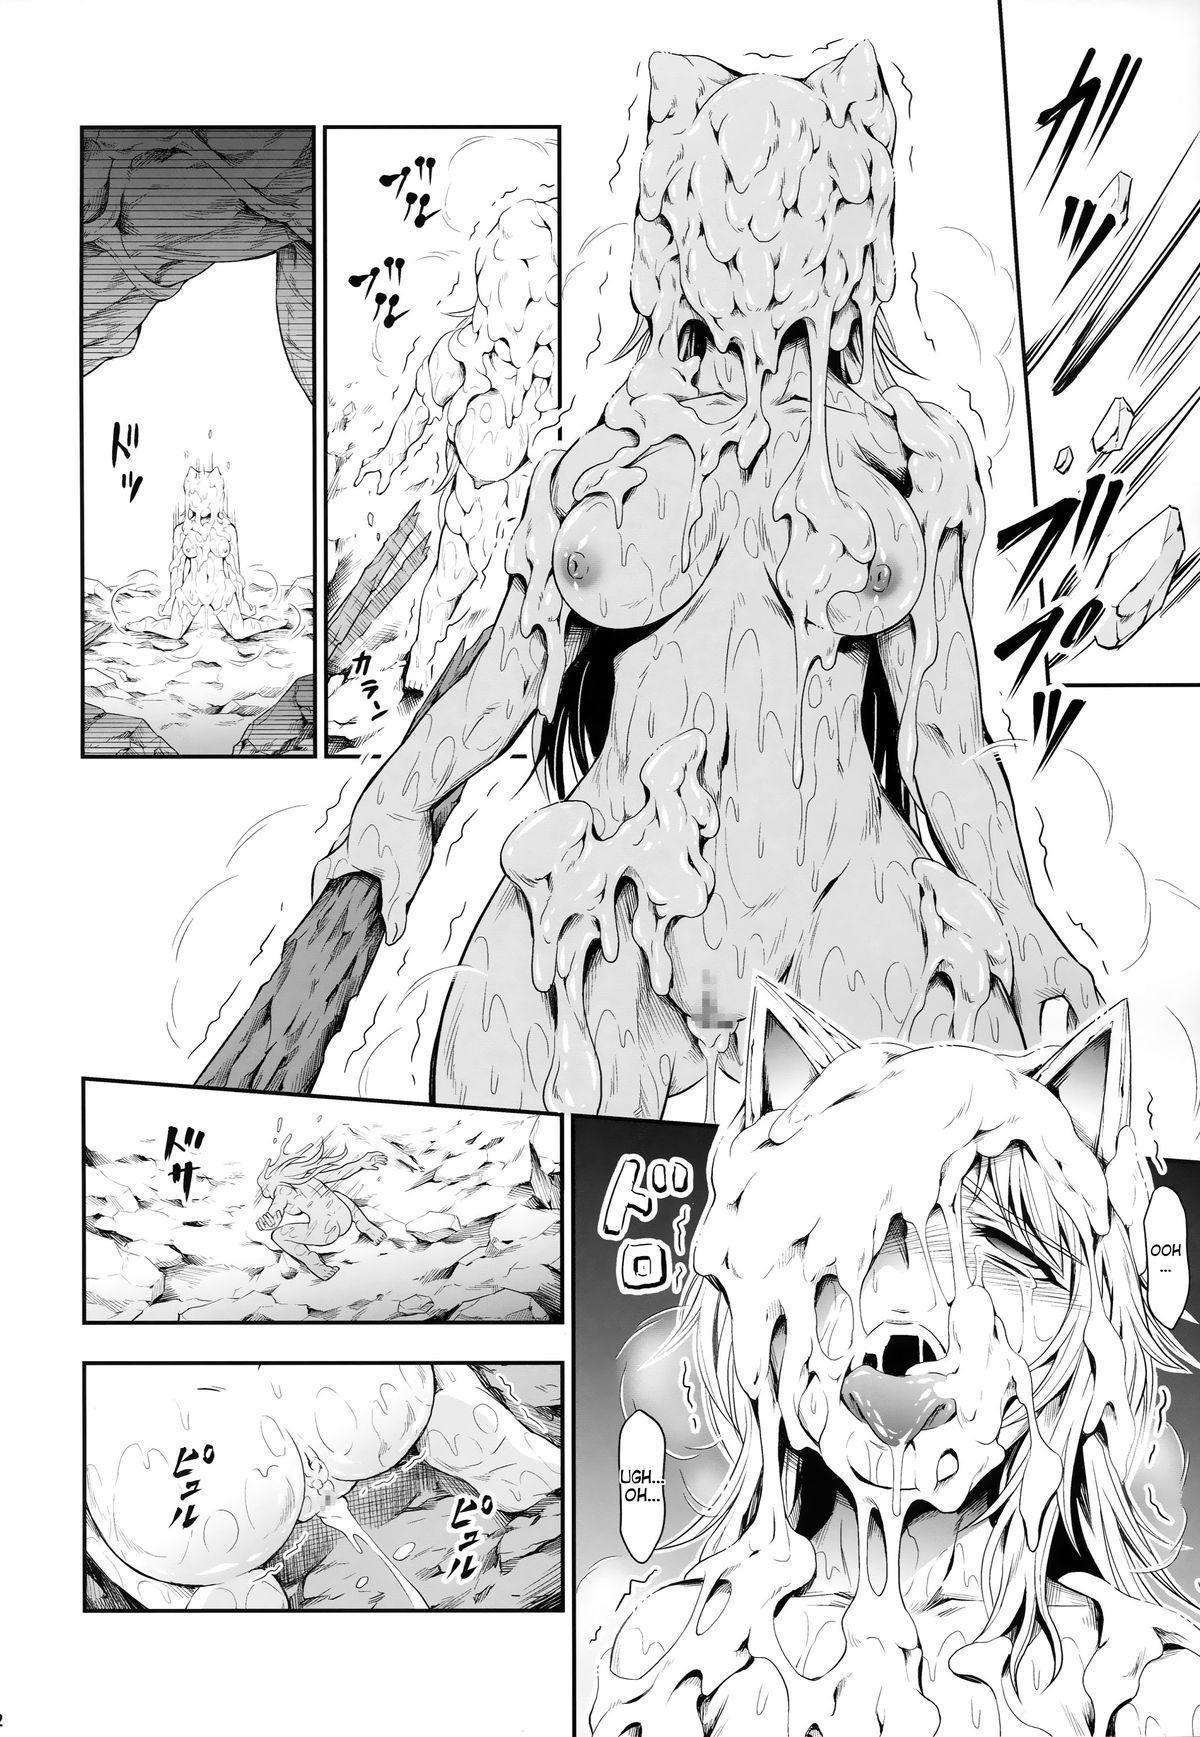 Solo Hunter no Seitai 4 The fifth part 2